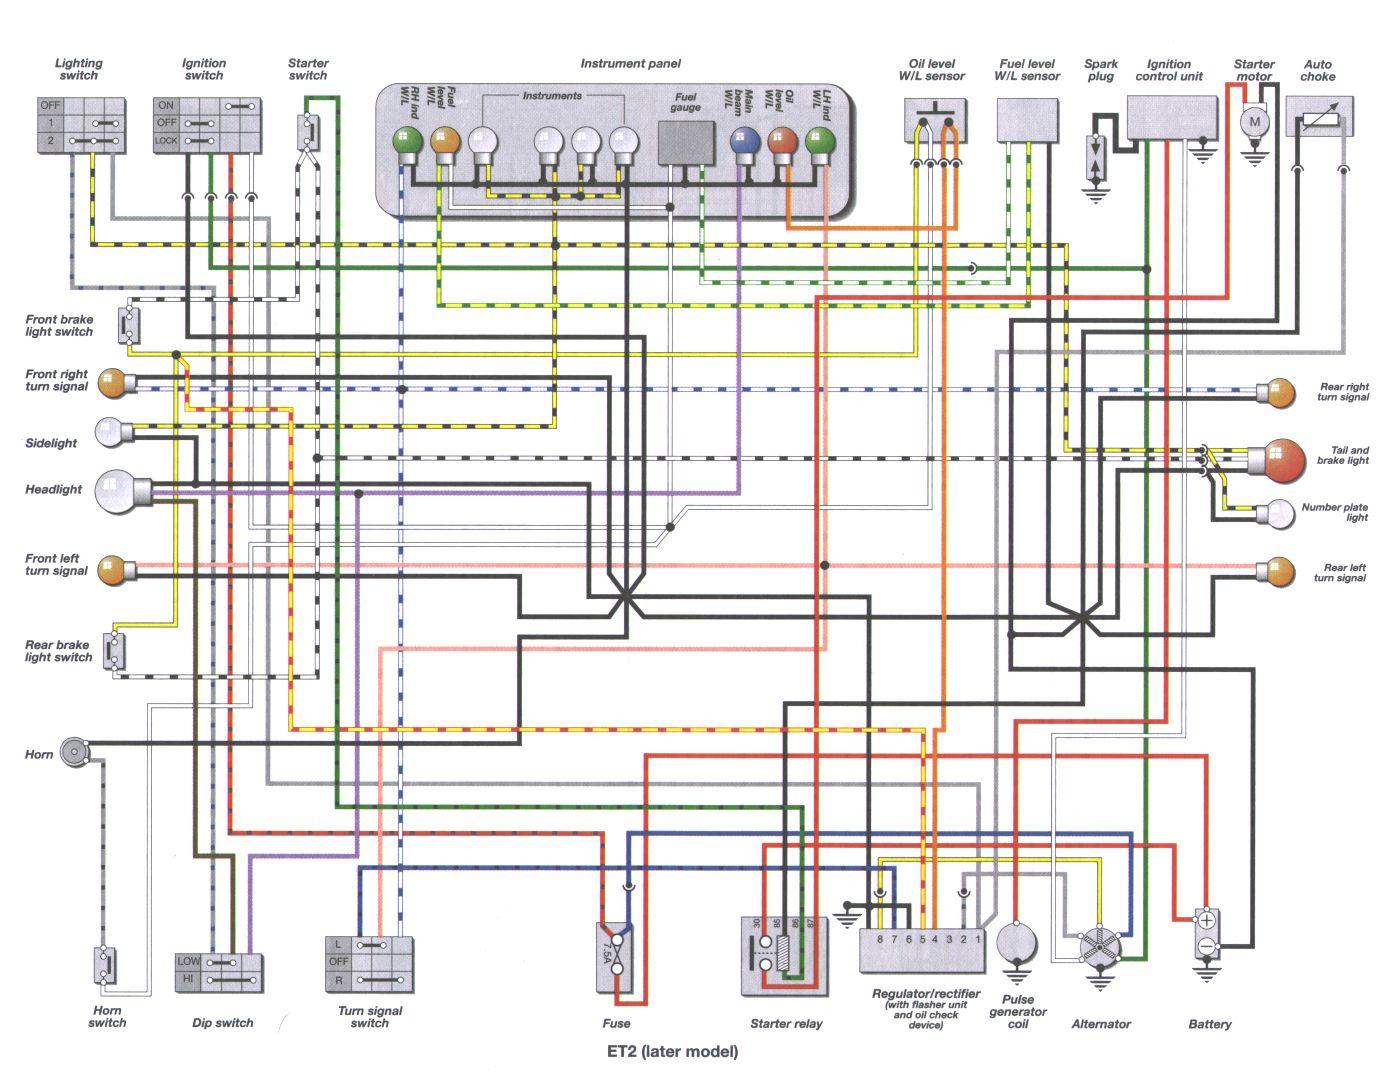 jak sprawdzic regulator napiecia vespa et2 elektroda pl vespa gts 250ie wiring diagram Green Vespa GTV 250